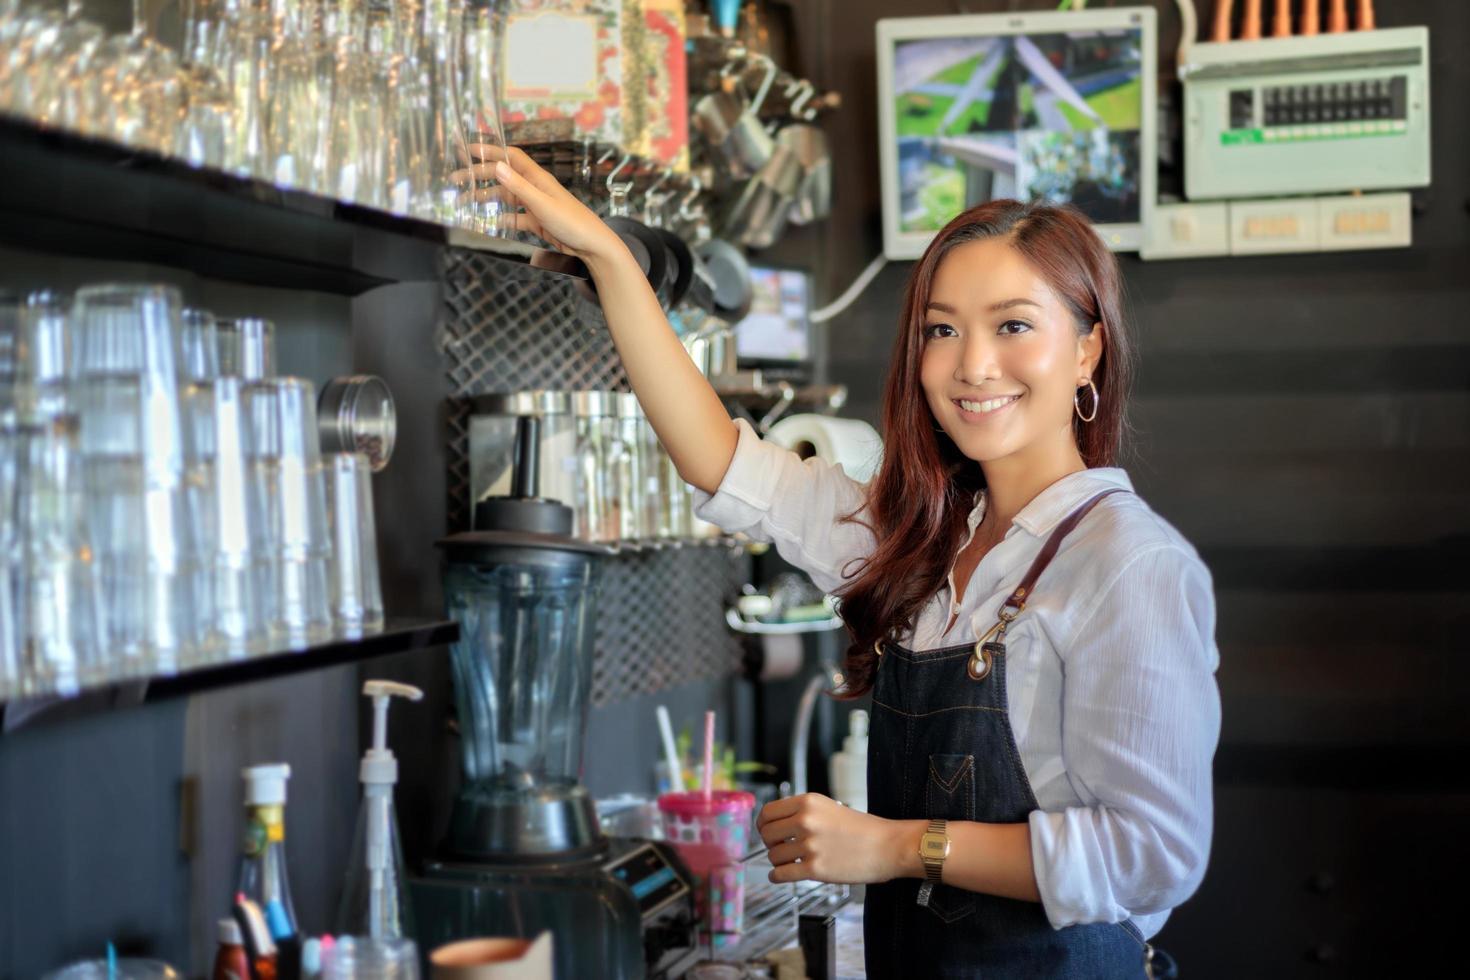 vrouwelijke Aziatische barista glimlachend tijdens het gebruik van koffiezetapparaat foto